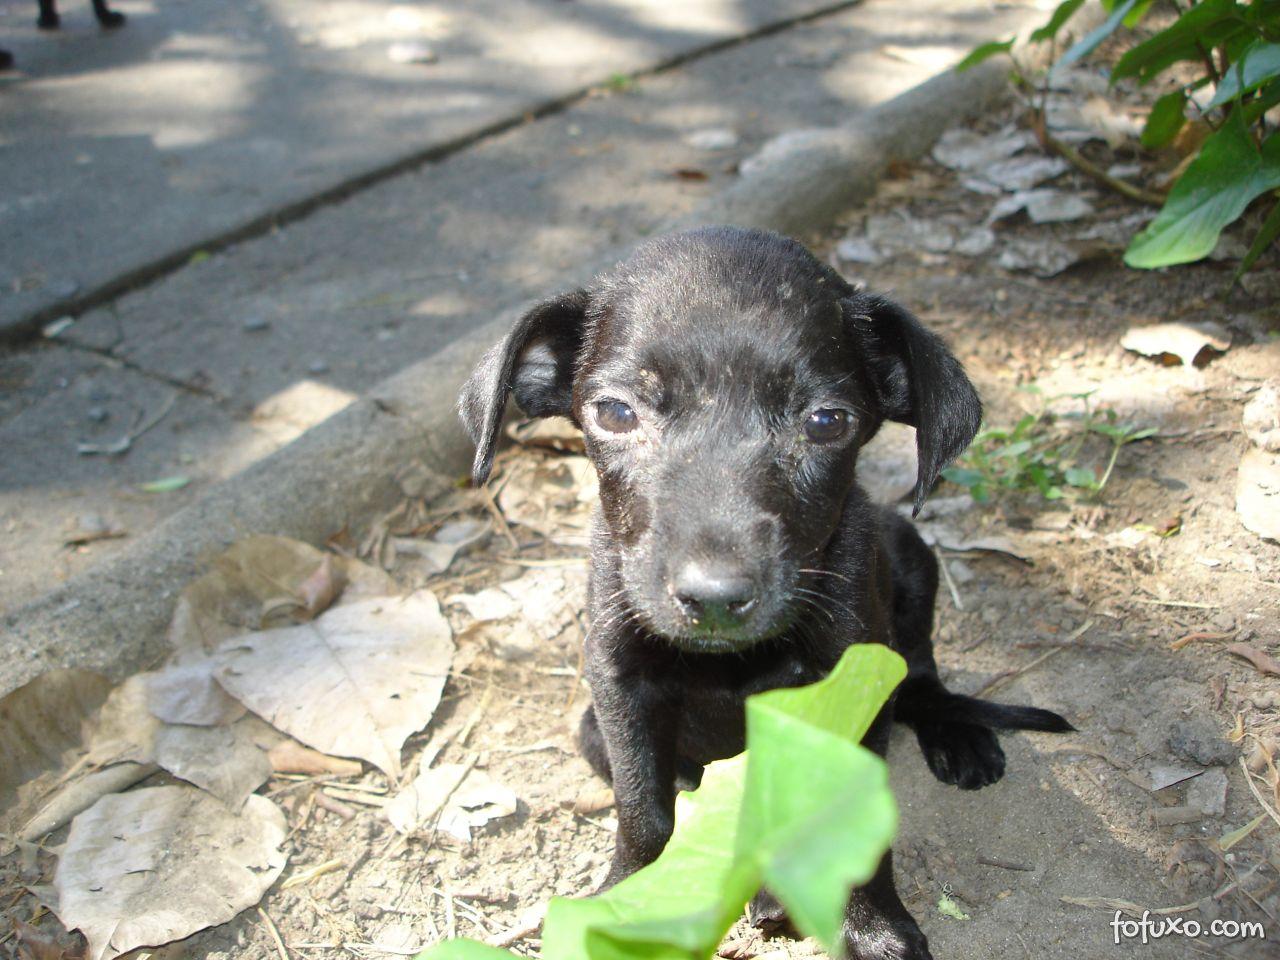 Dicas para ajudar cães abandonados